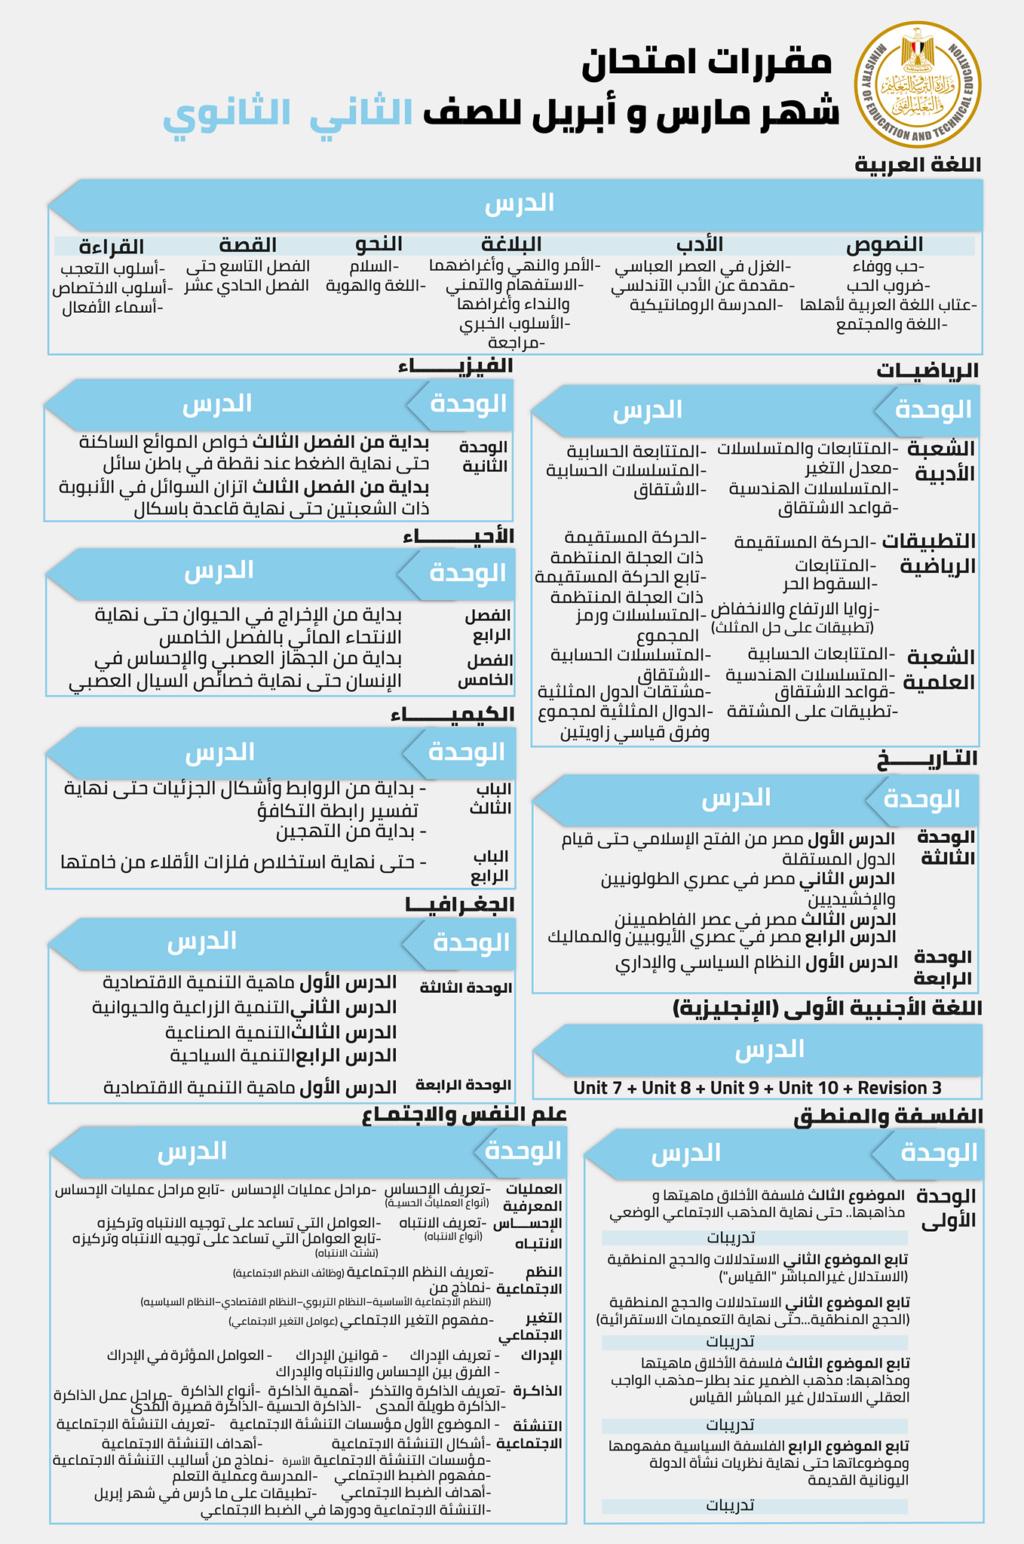 مقررات ومناهج امتحان شهر أبريل للصفوف الأول والثاني الثانوي من خلال الجداول التالية. 16378911